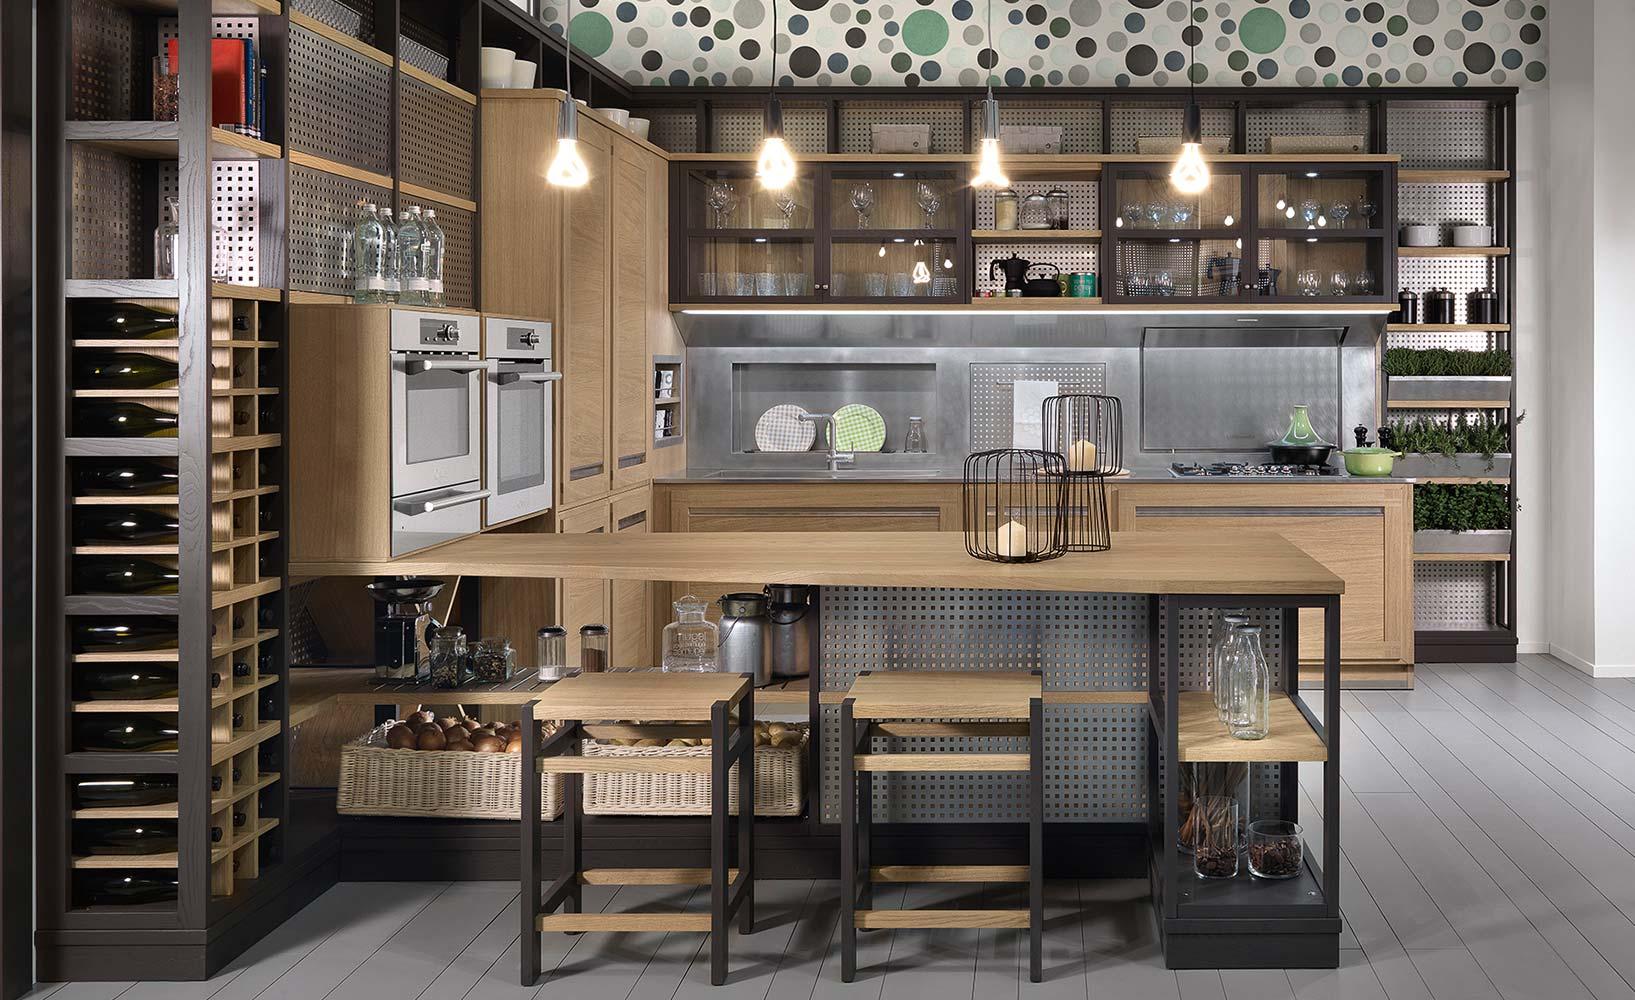 Küchenplanung - an alles gedacht?